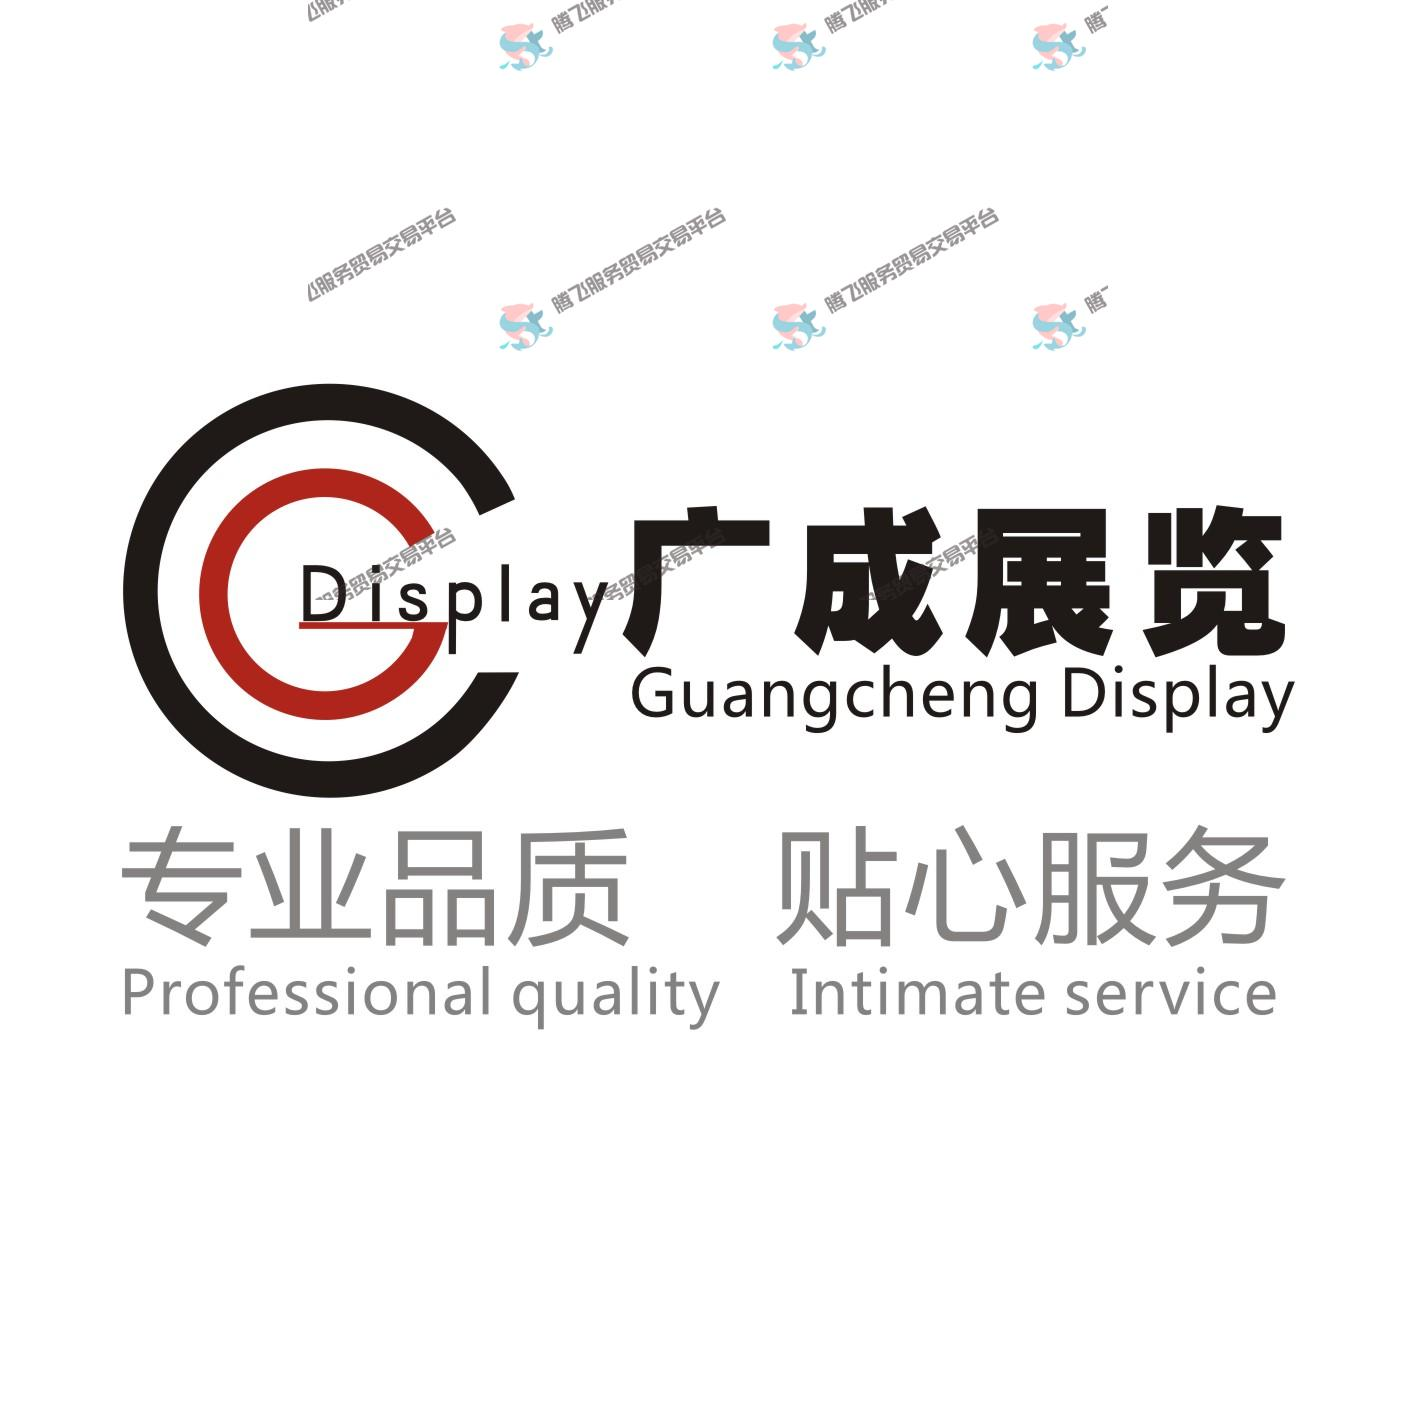 深圳市广成展览策划有限公司